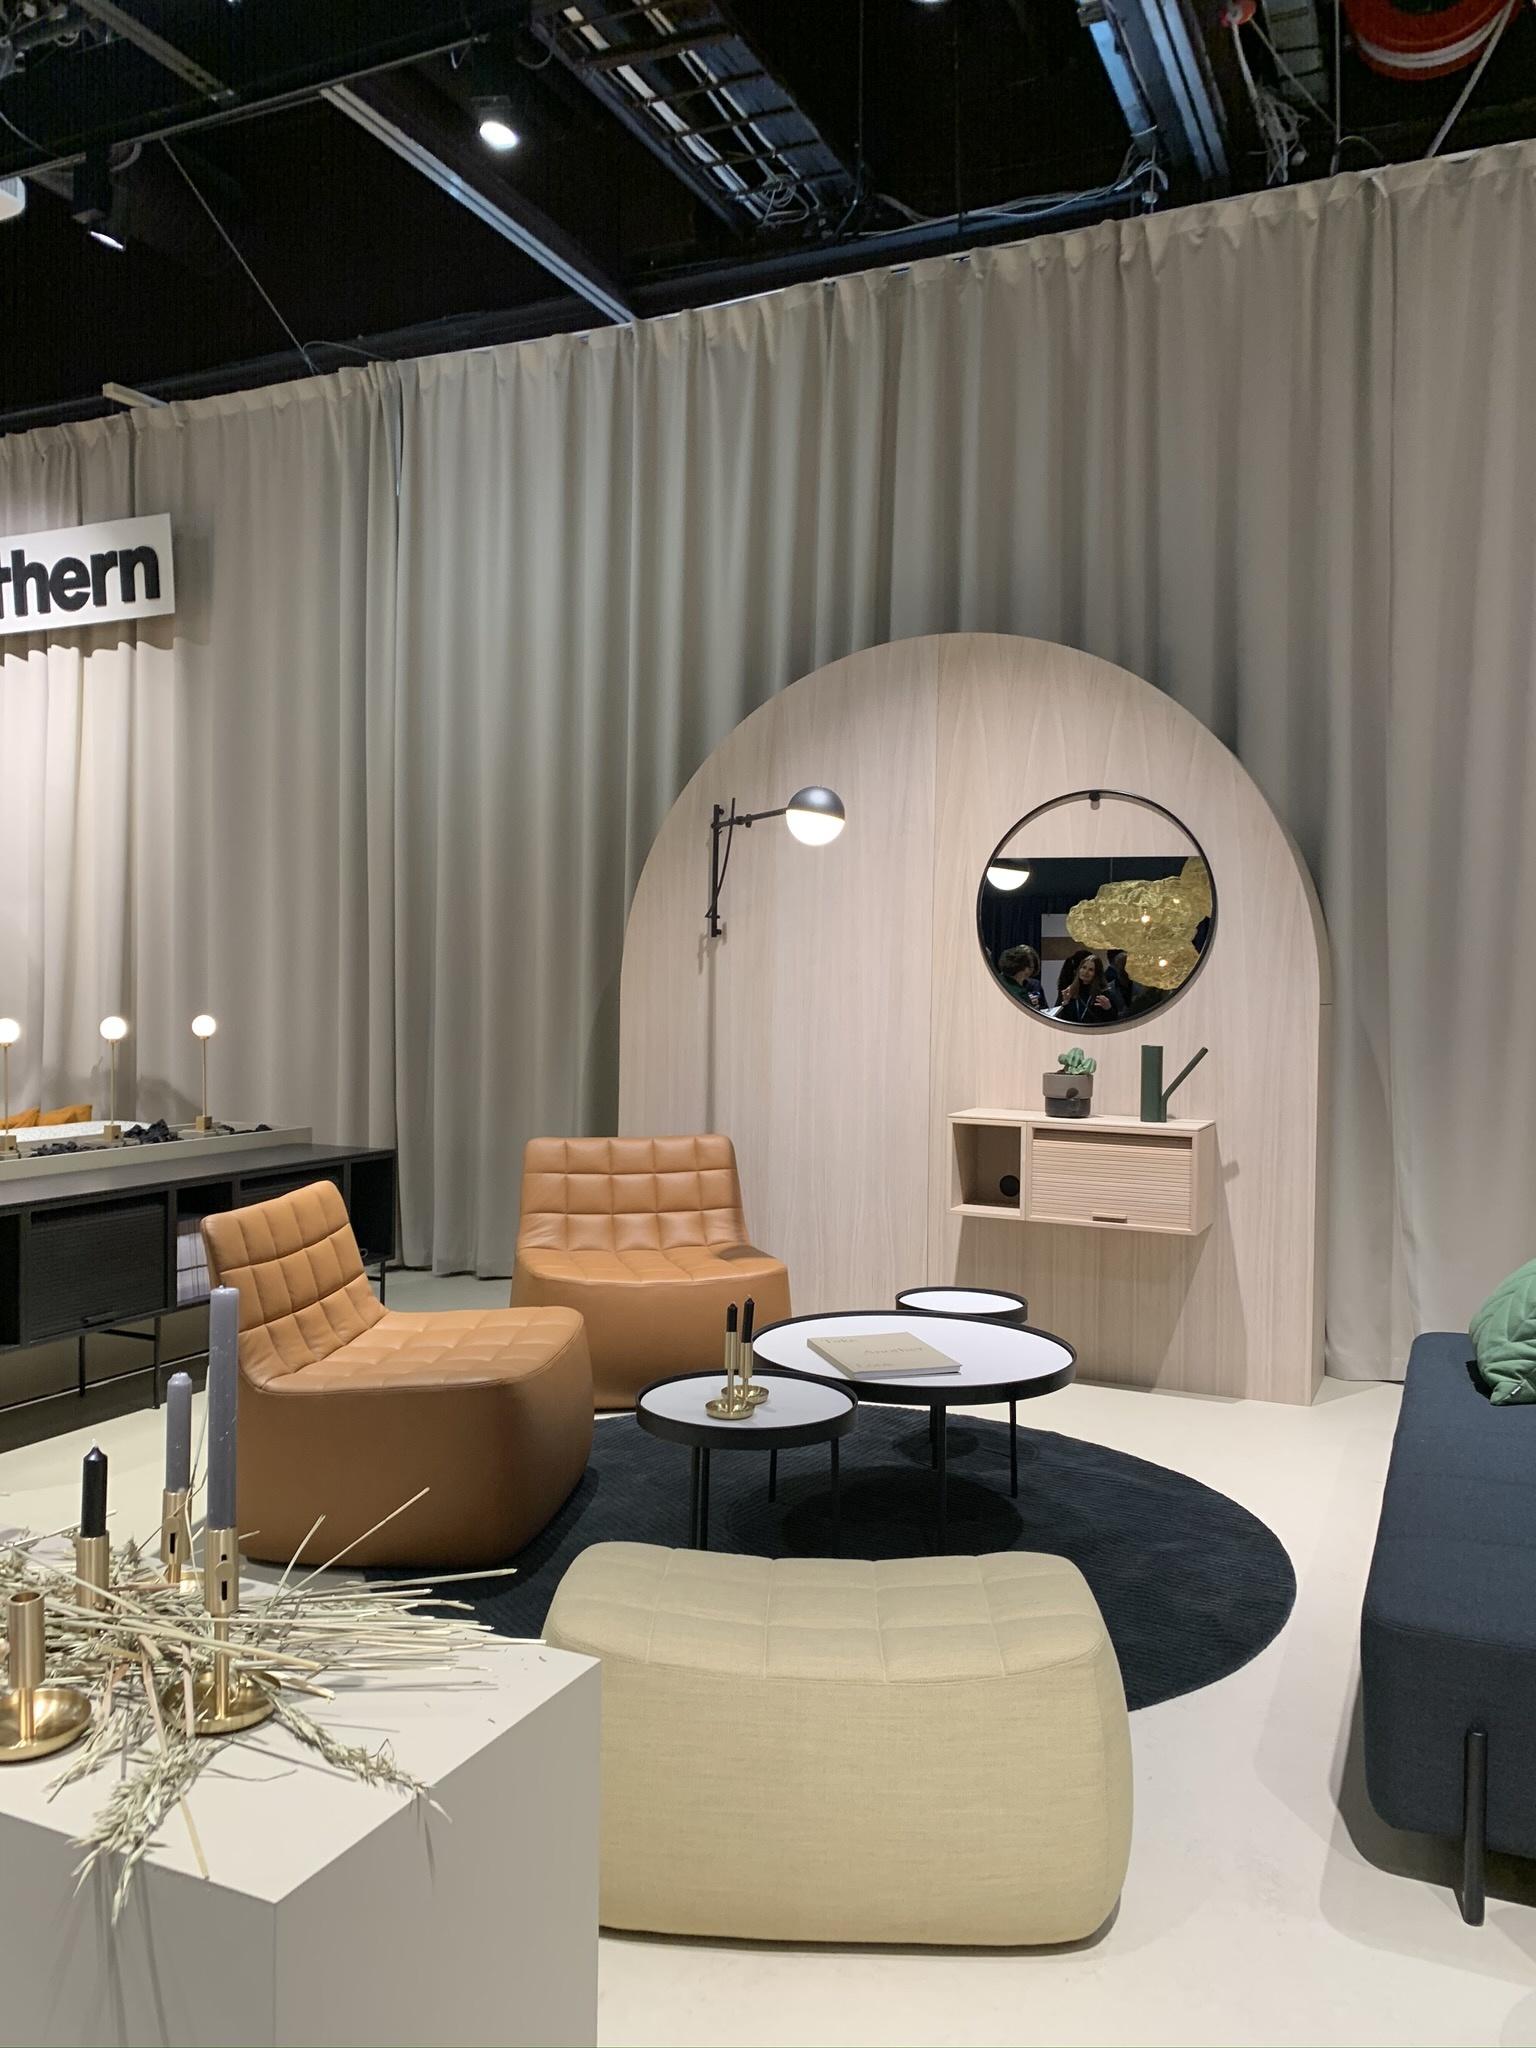 Неделя дизайна в Стокгольме 2020: блог бюро P+Z (галерея 4, фото 1)